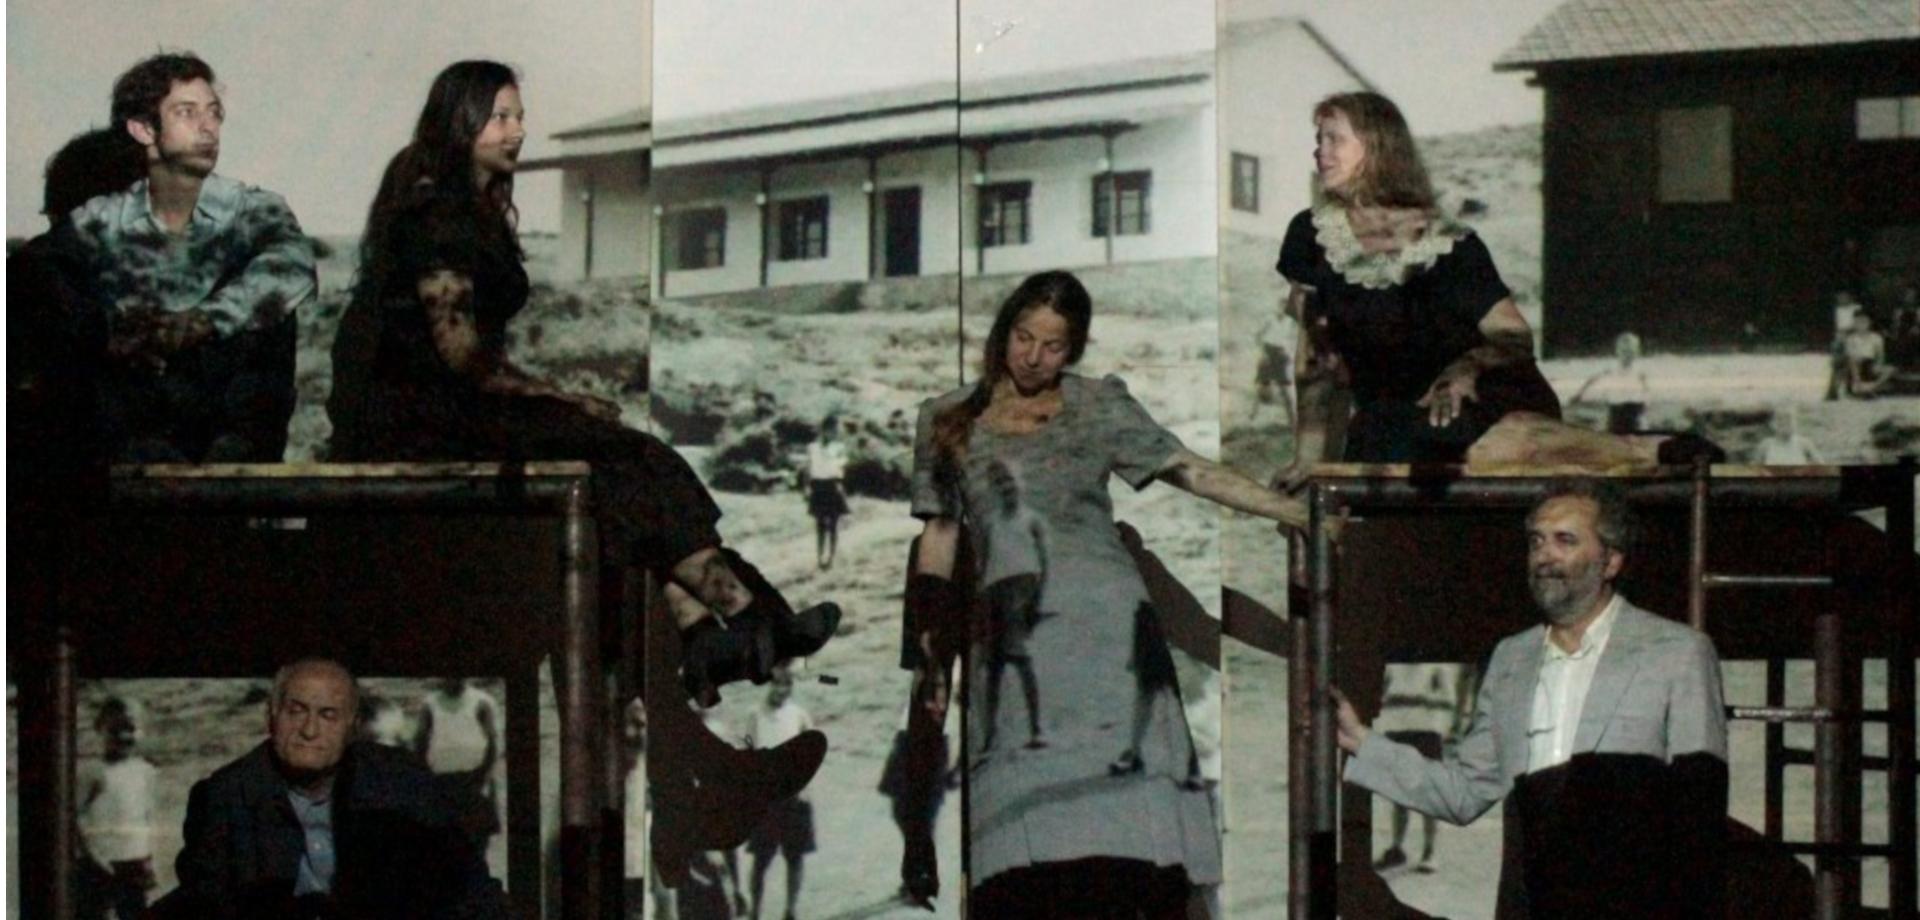 Το ξύπνημα της Μνήμης. Παιδιά πρόσφυγες του Ελληνικού εμφυλίου